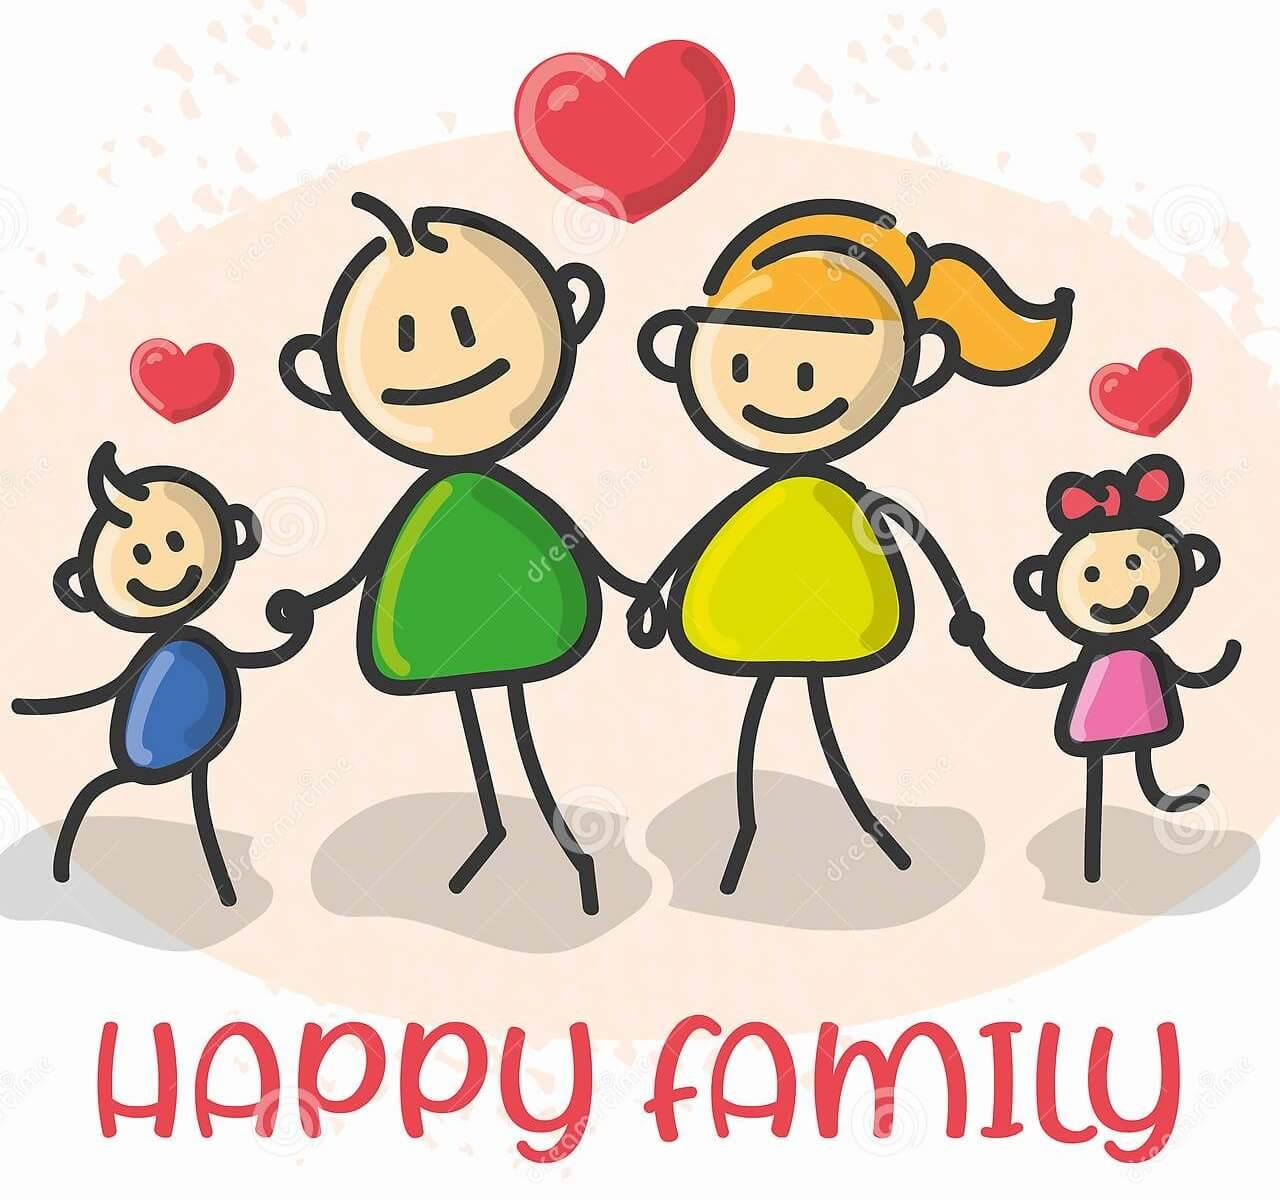 طرق ممتعة للاحتفال بالعيد مع أطفالك ليشعروا بفرحة العيد